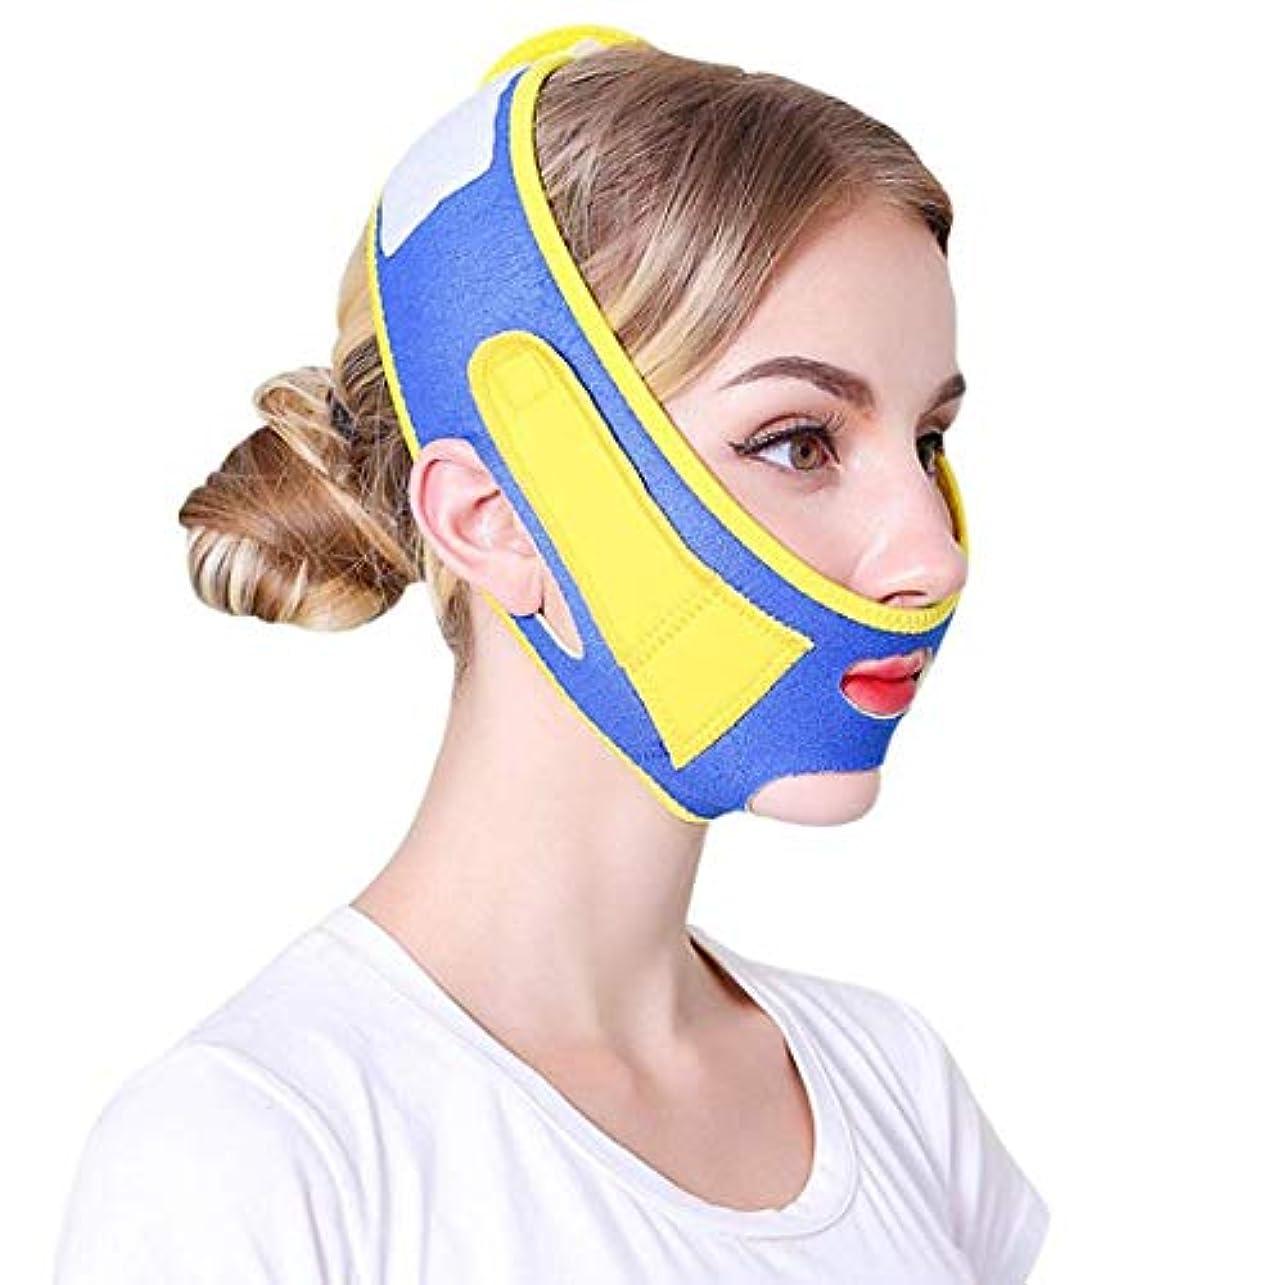 蚊放散する納屋ZWBD フェイスマスク, フェイスリフト包帯抗たるみvフェイスリフティング包帯整形二重あご青黄色